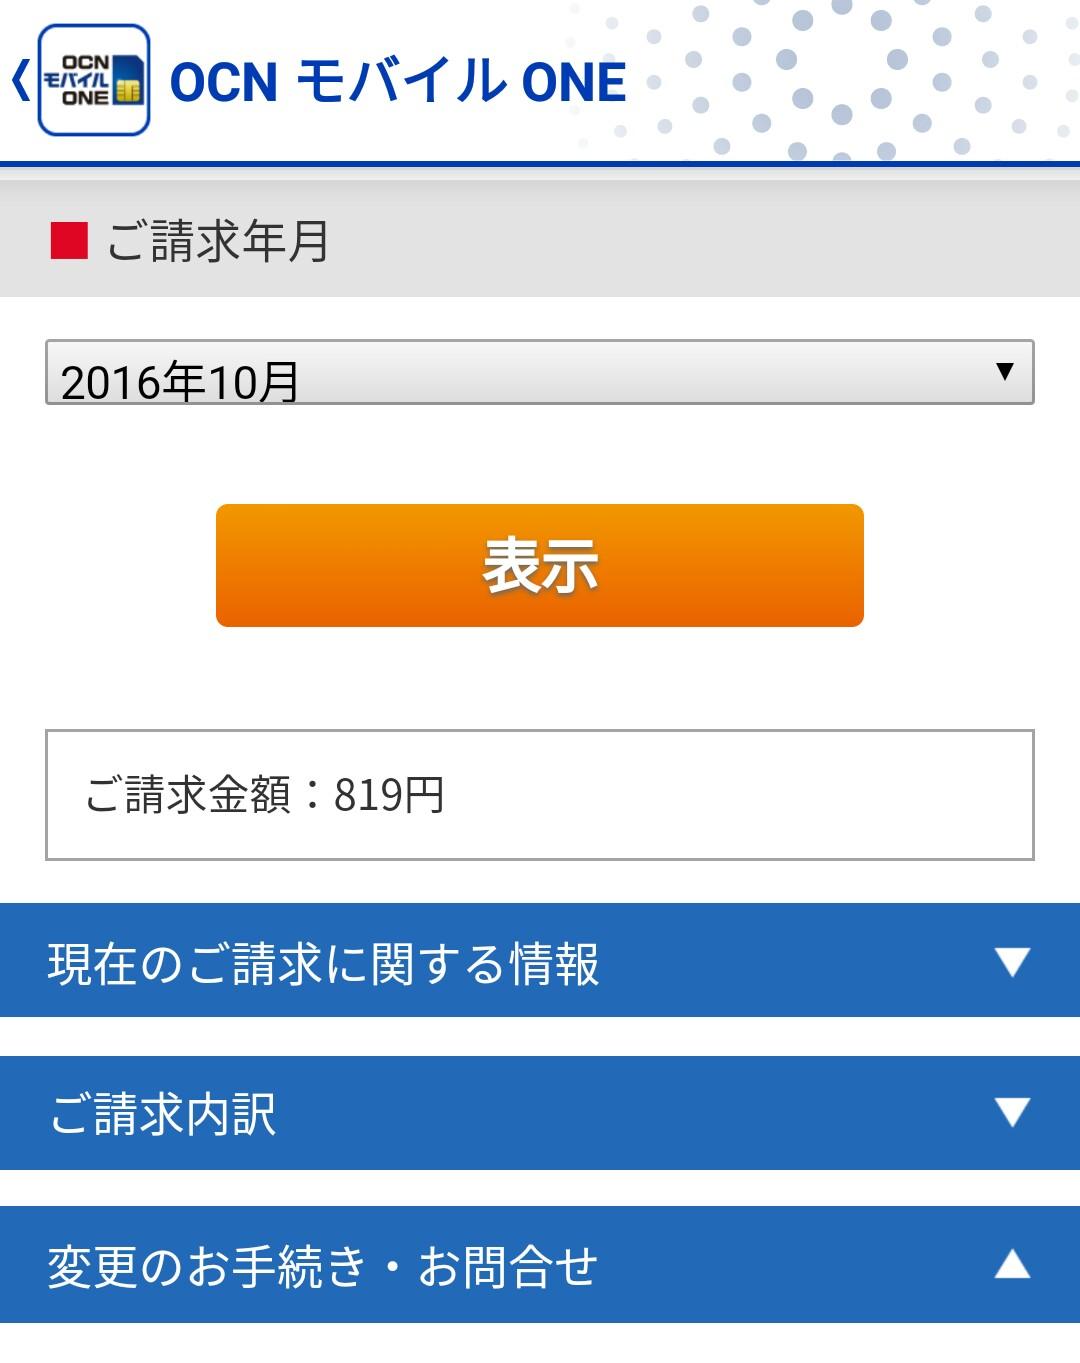 f:id:etenatsu:20161030123115j:image:w300